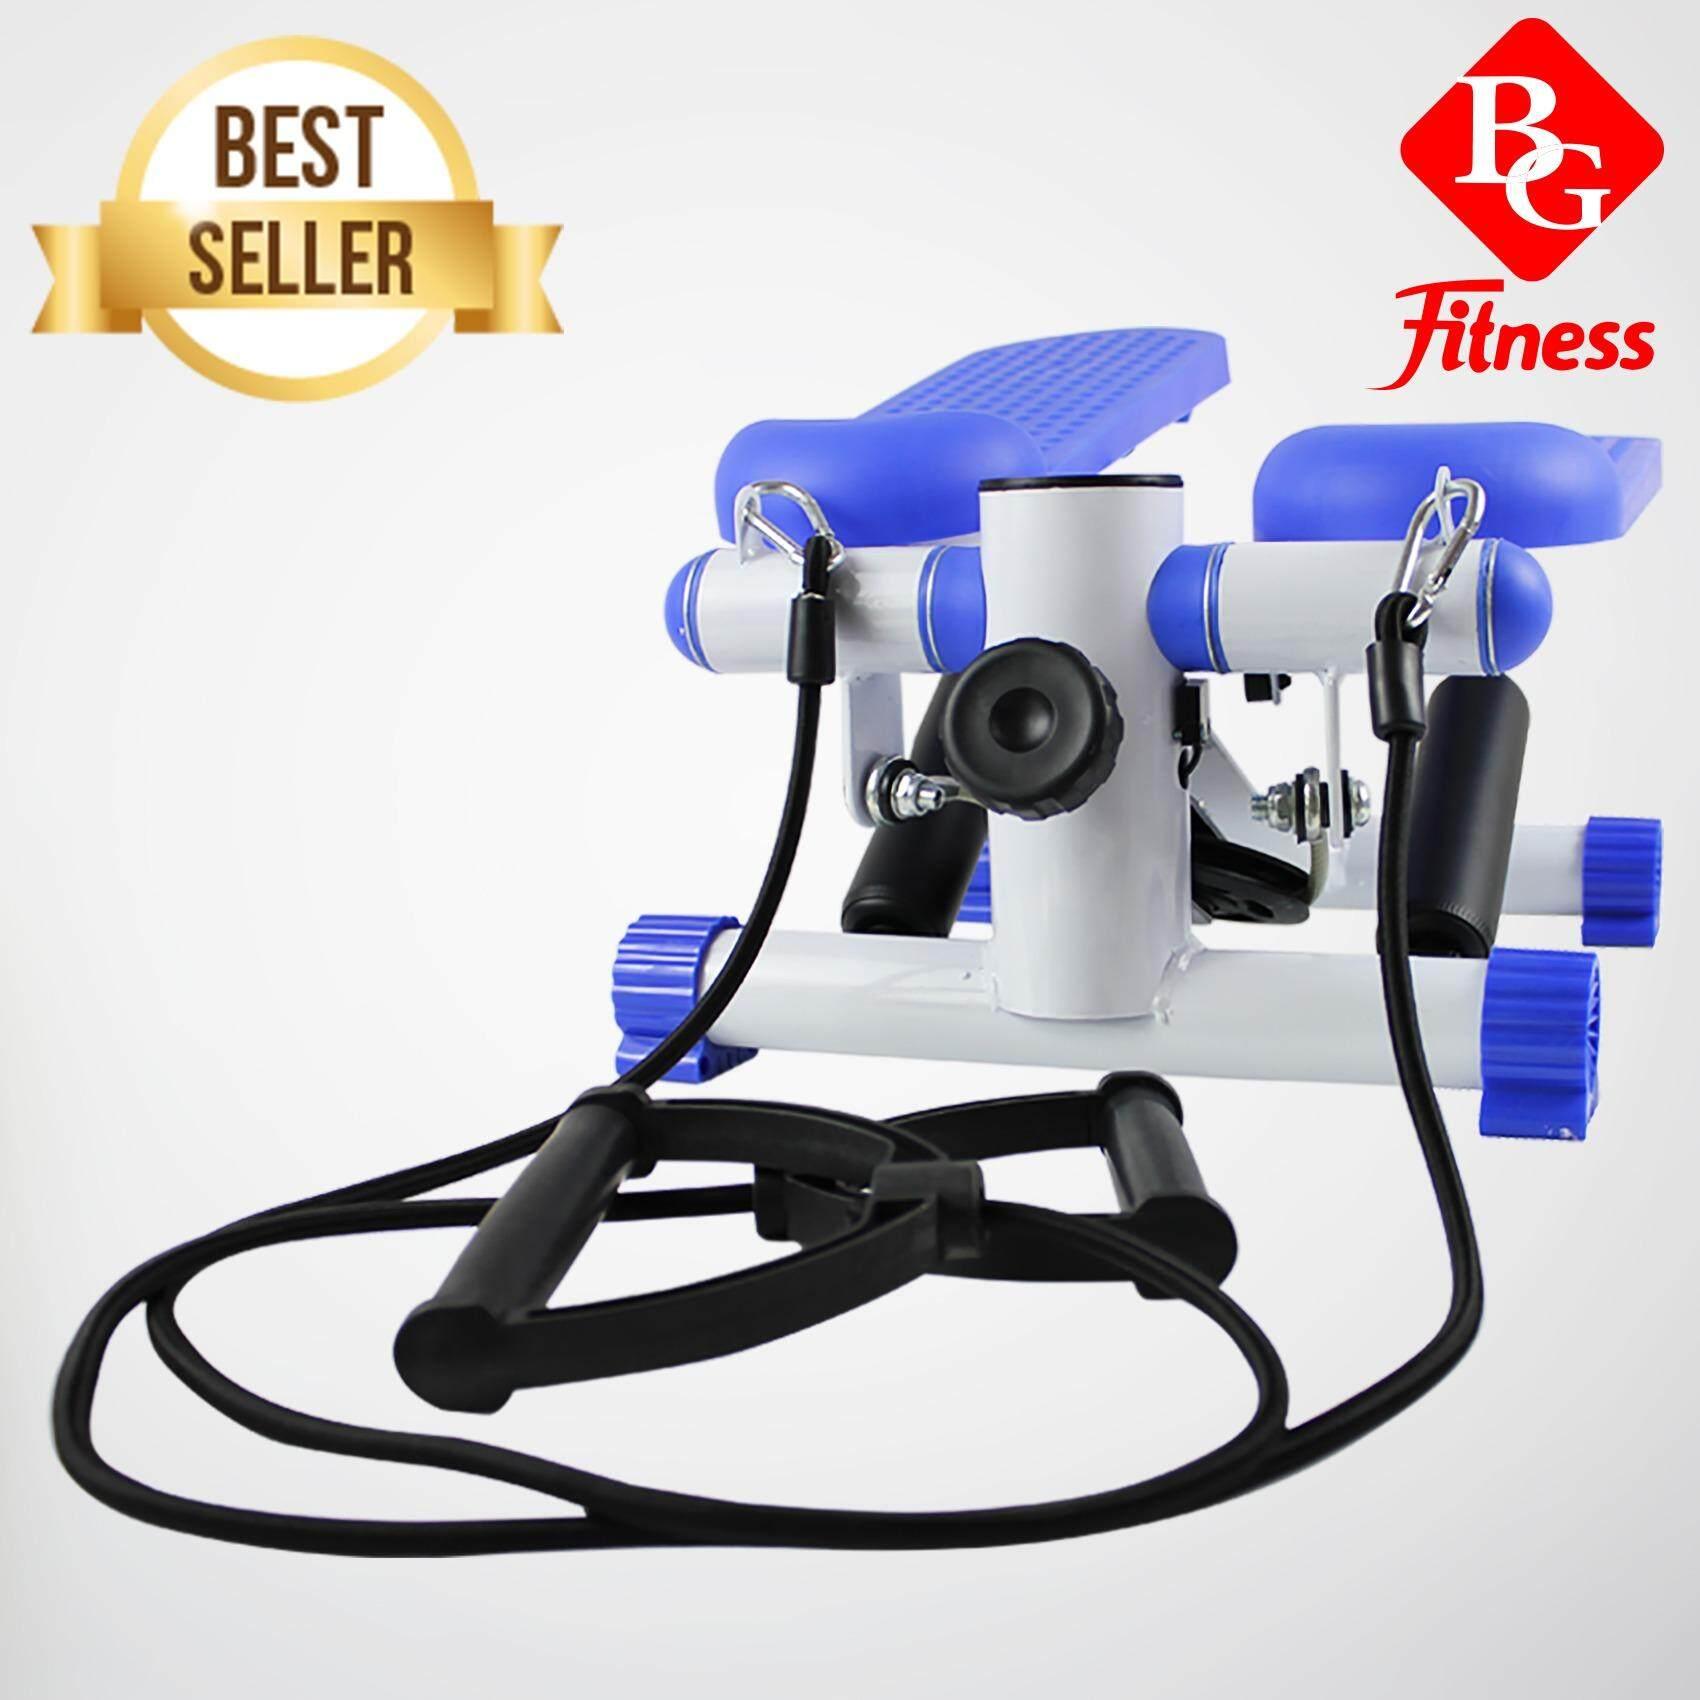 ราคา B G อุปกรณ์ออกกำลังกาย Mini Stepper Multifuntion สีฟ้า ใหม่